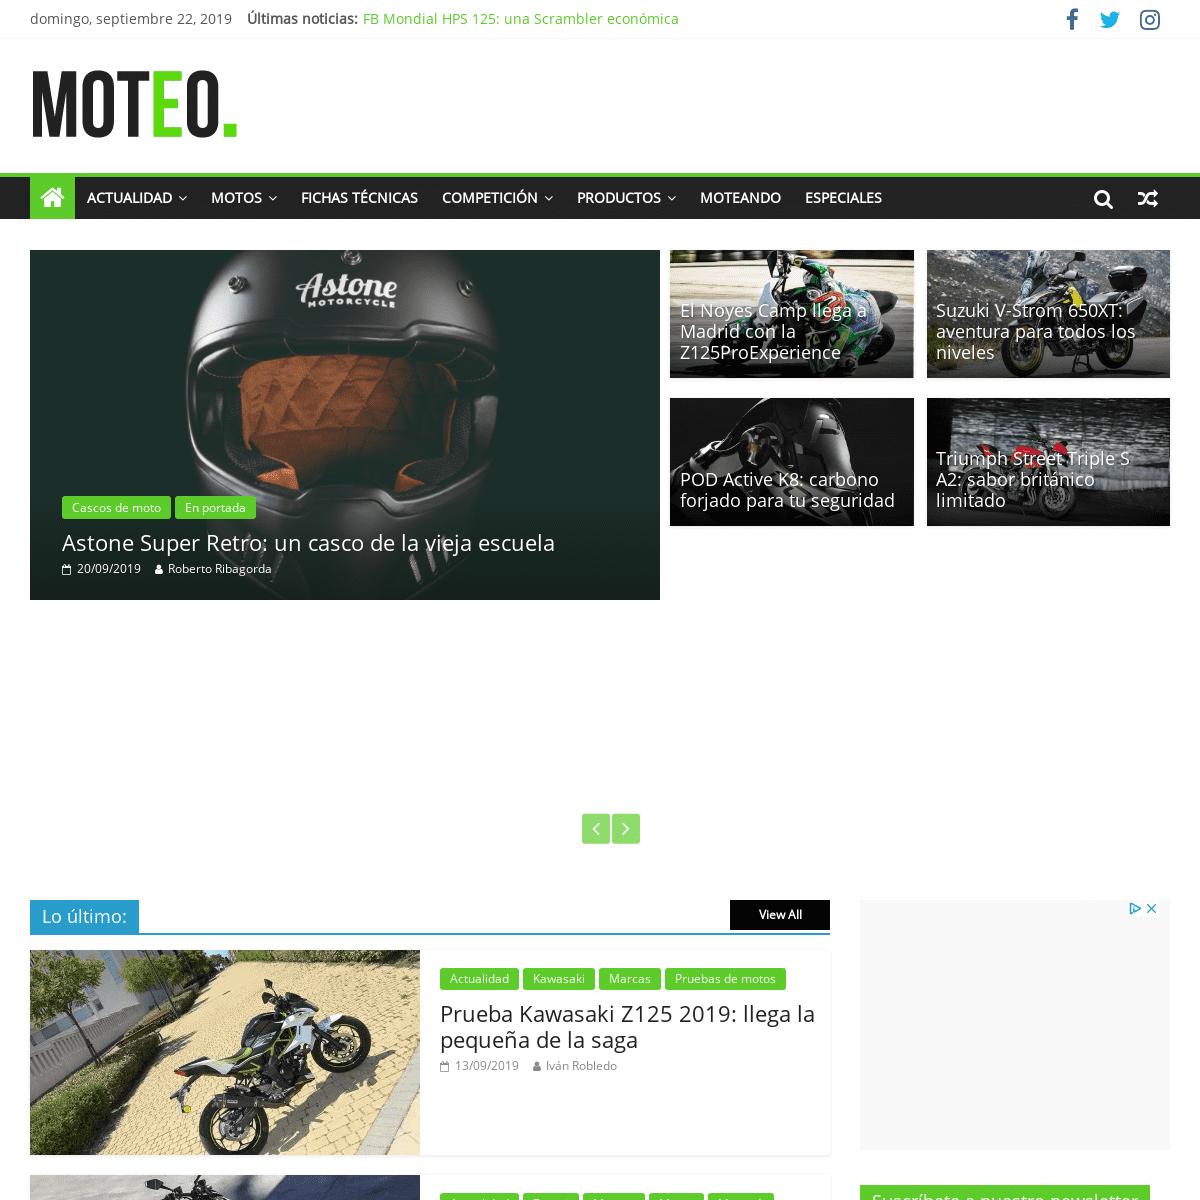 Moteo.es - Compartimos tu pasión por las motos. Toda la información sobre las dos ruedas.